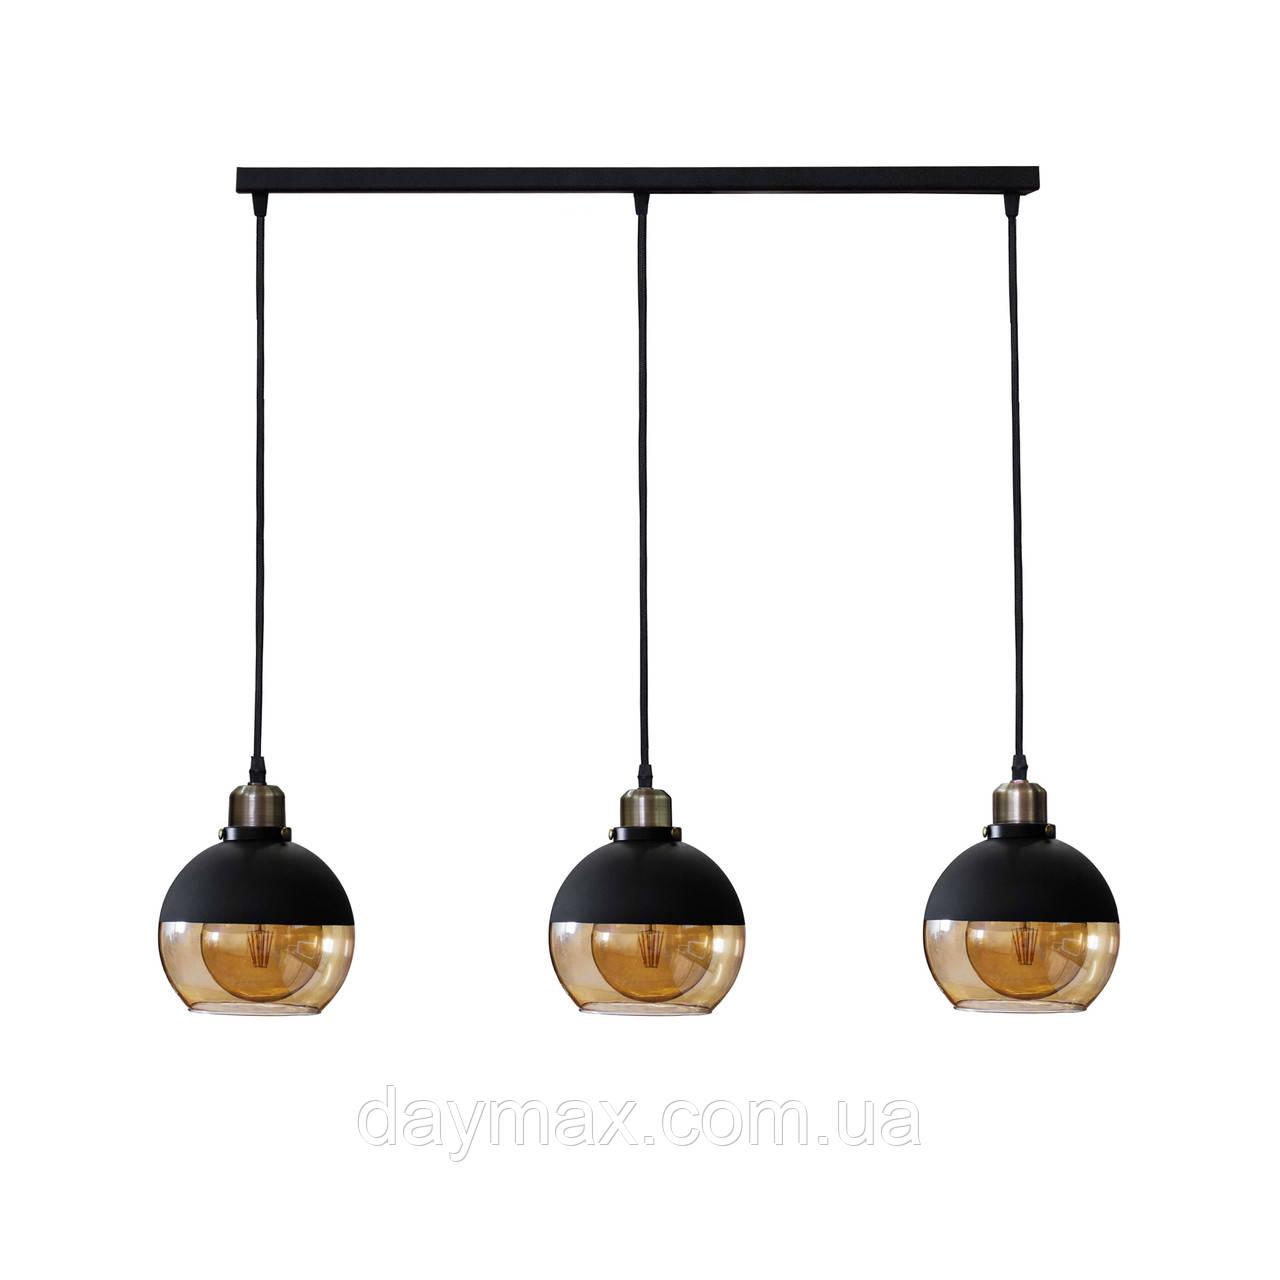 Светильник подвесной на три лампы в стиле лофт LS 5152-3  Стеклянный шар